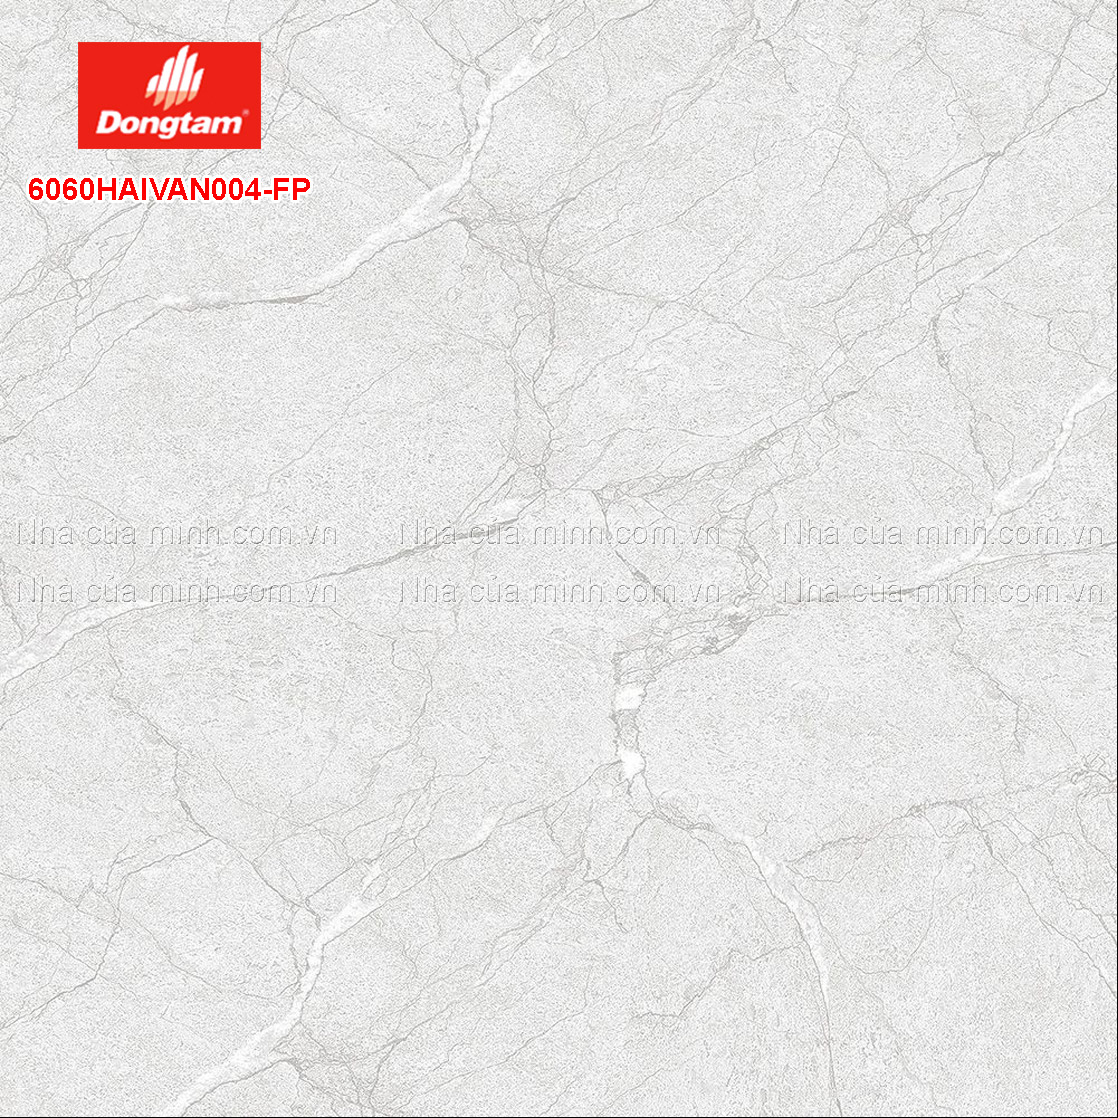 Gạch lát nền Đồng Tâm Hải Vân 6060HAIVAN004-FP giá rẻ